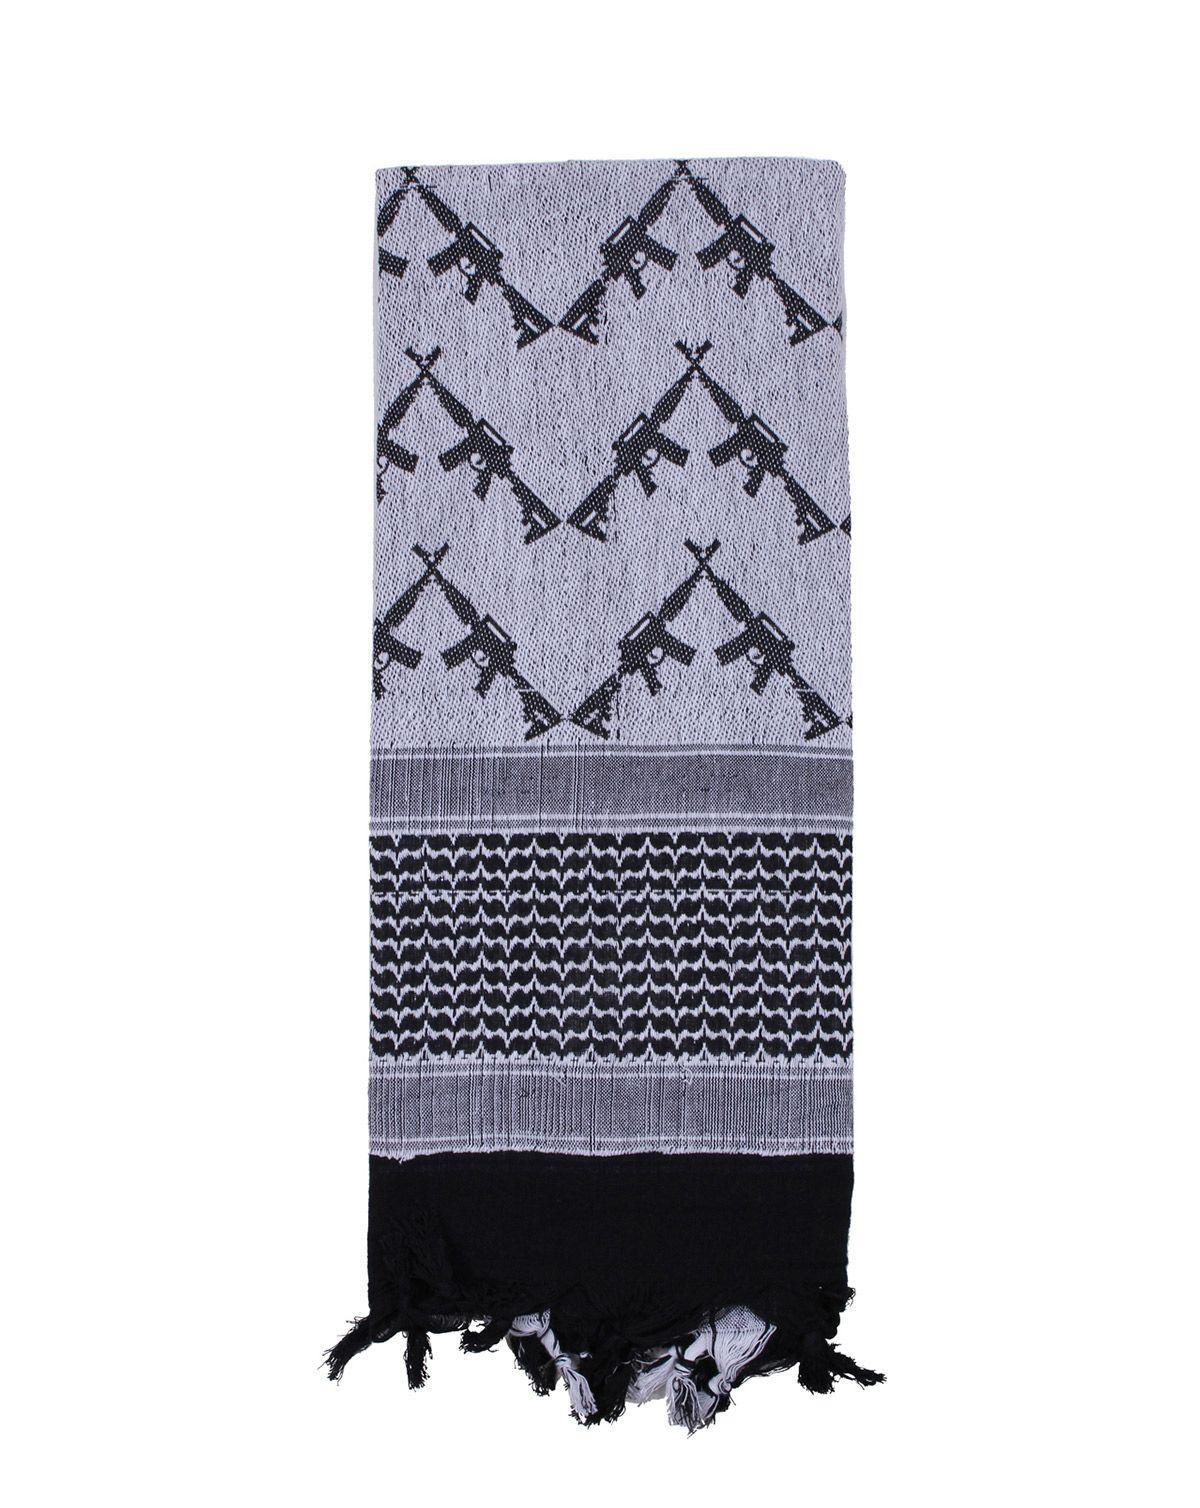 Image of   Rothco Taktisk Partisan Tørklæde - 'Crossed Rifle' (Hvid, One Size)